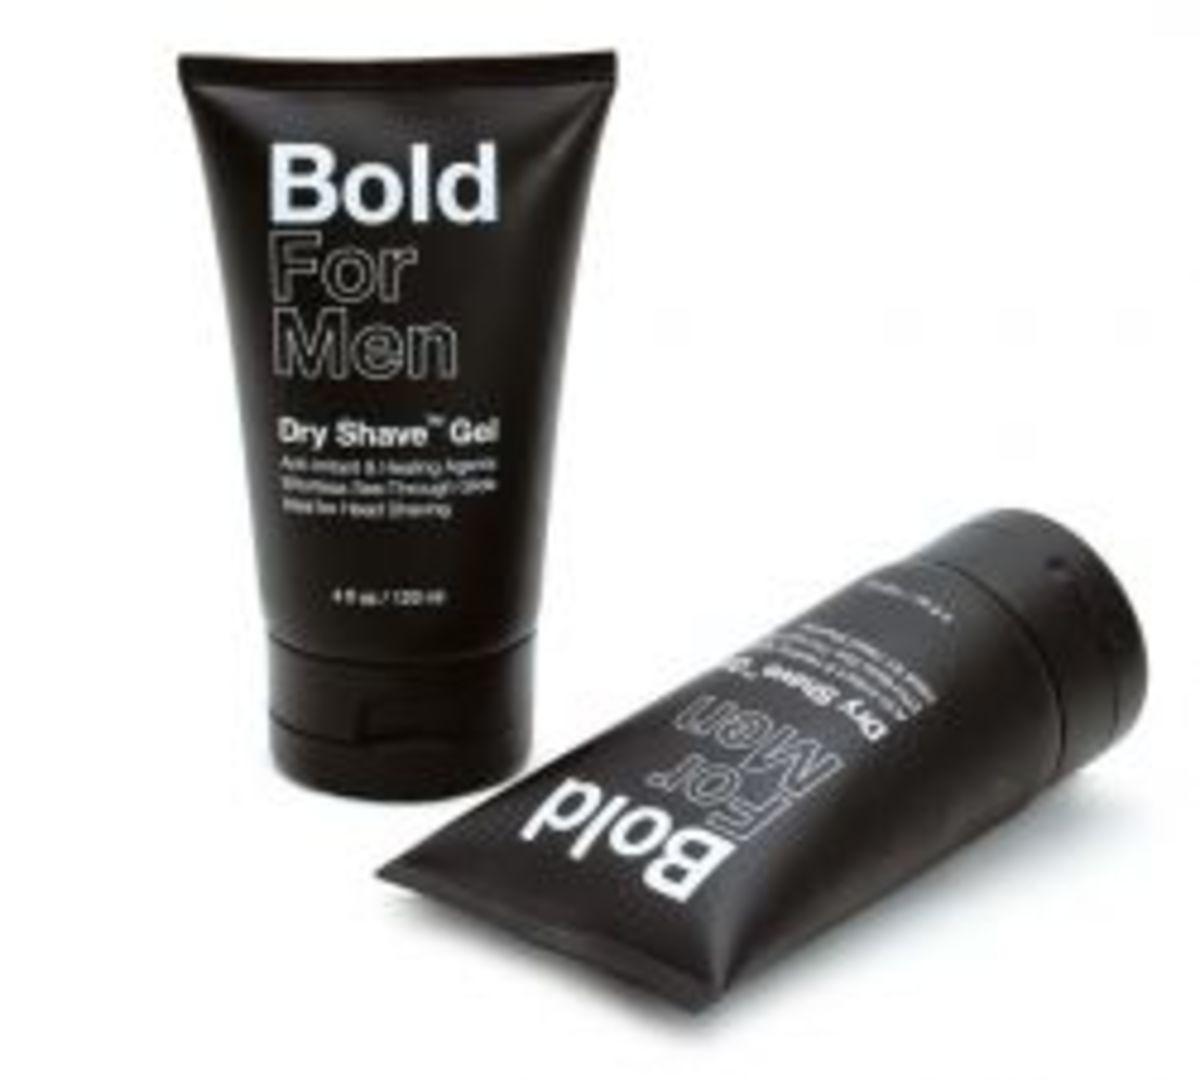 Bold for Men Dry Shave Gel